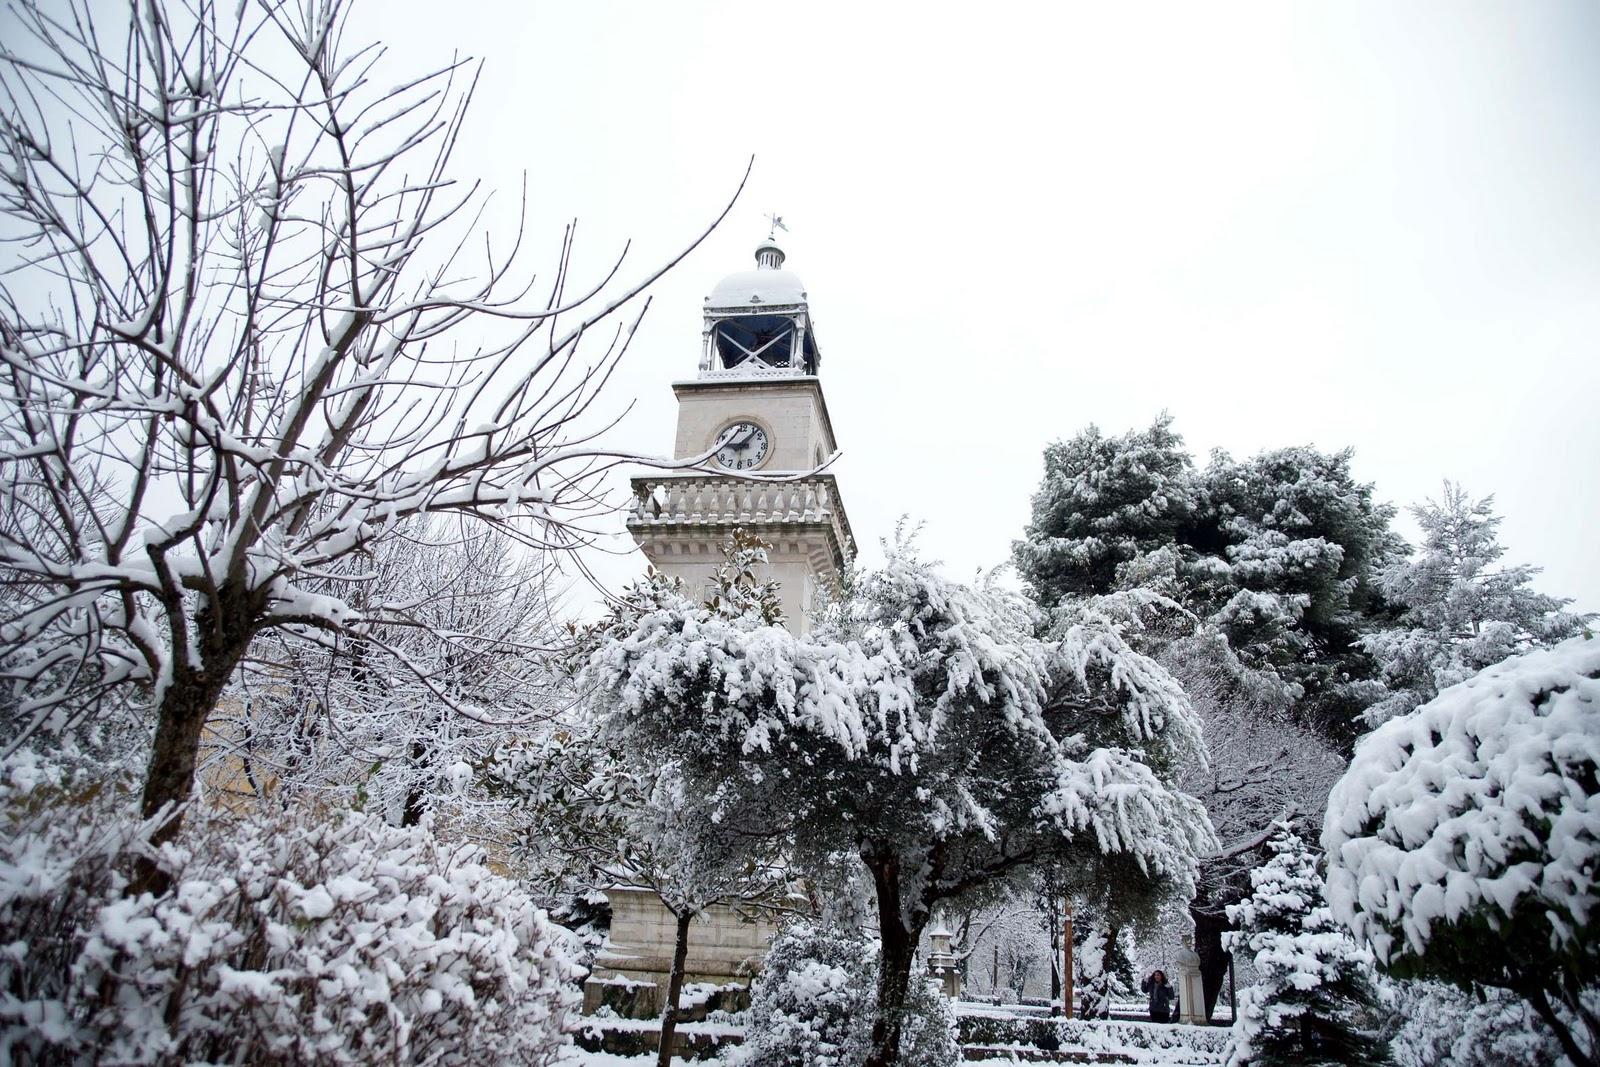 Scorcio di Ioannina innevata